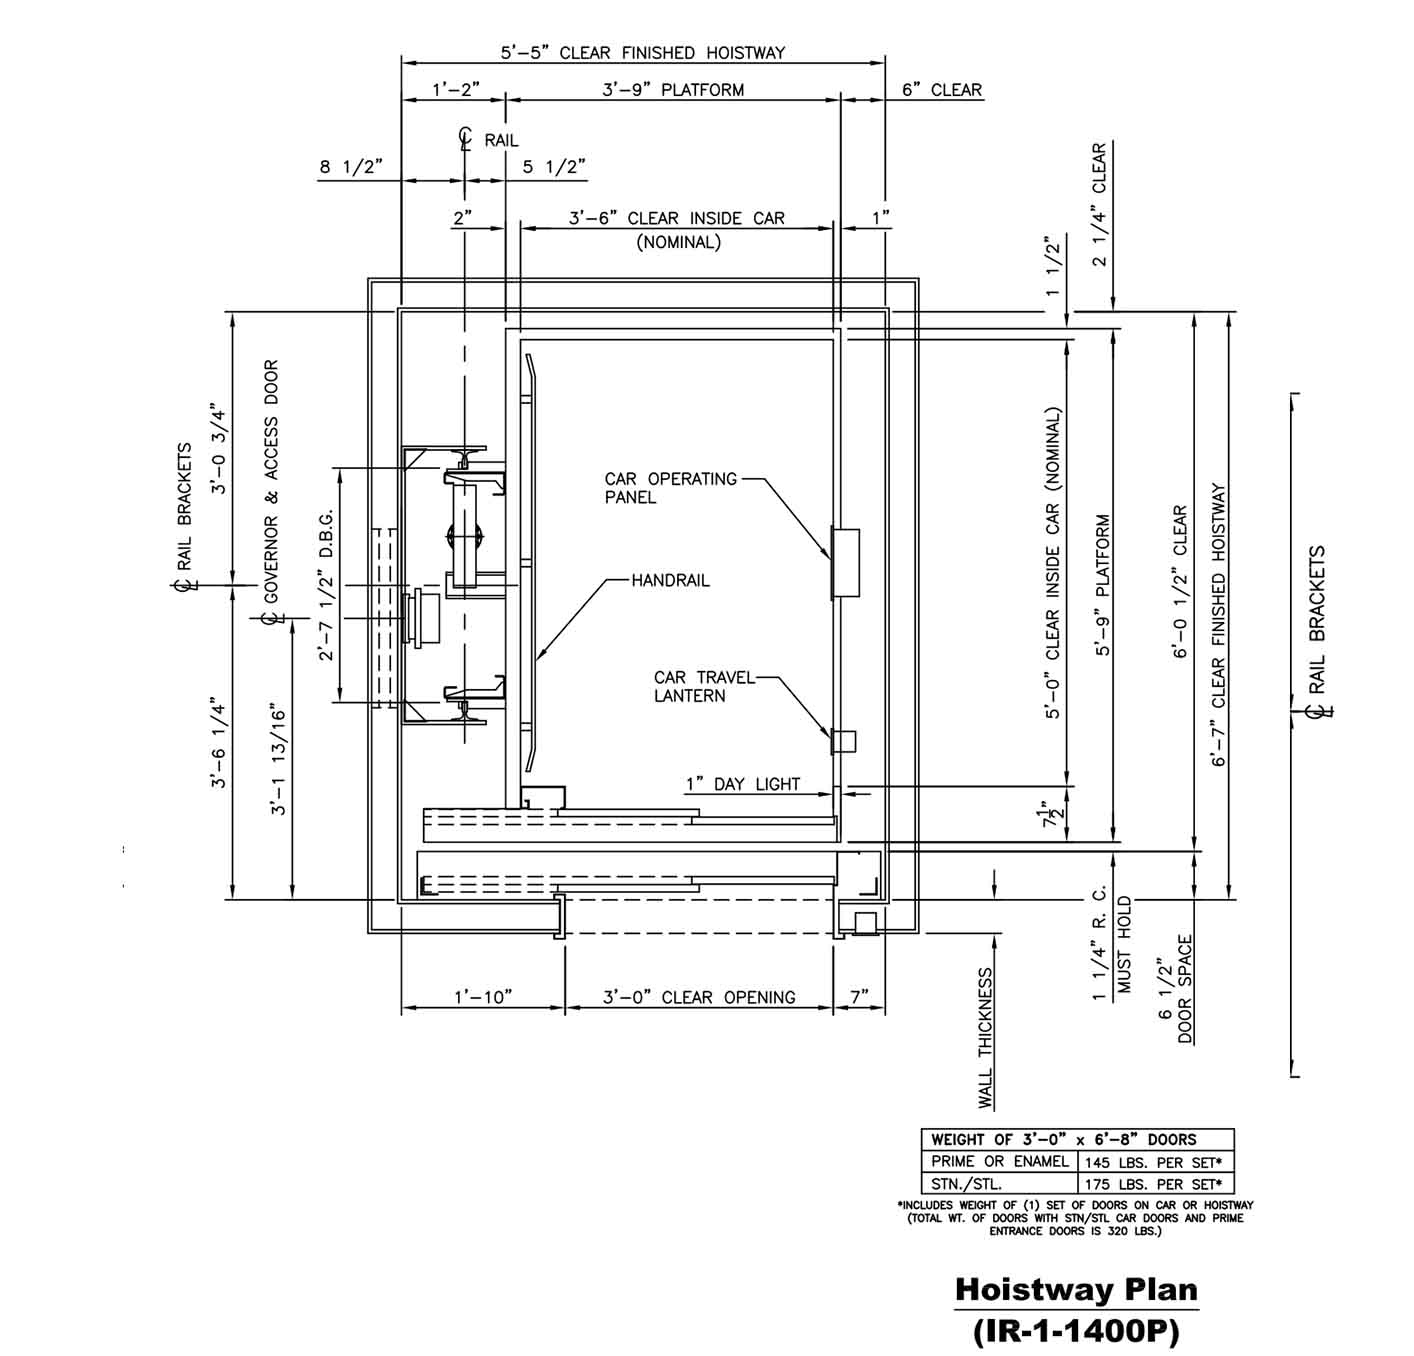 111 elevator plan drawing jordan elevator jec dwg free for Elevator plan drawing